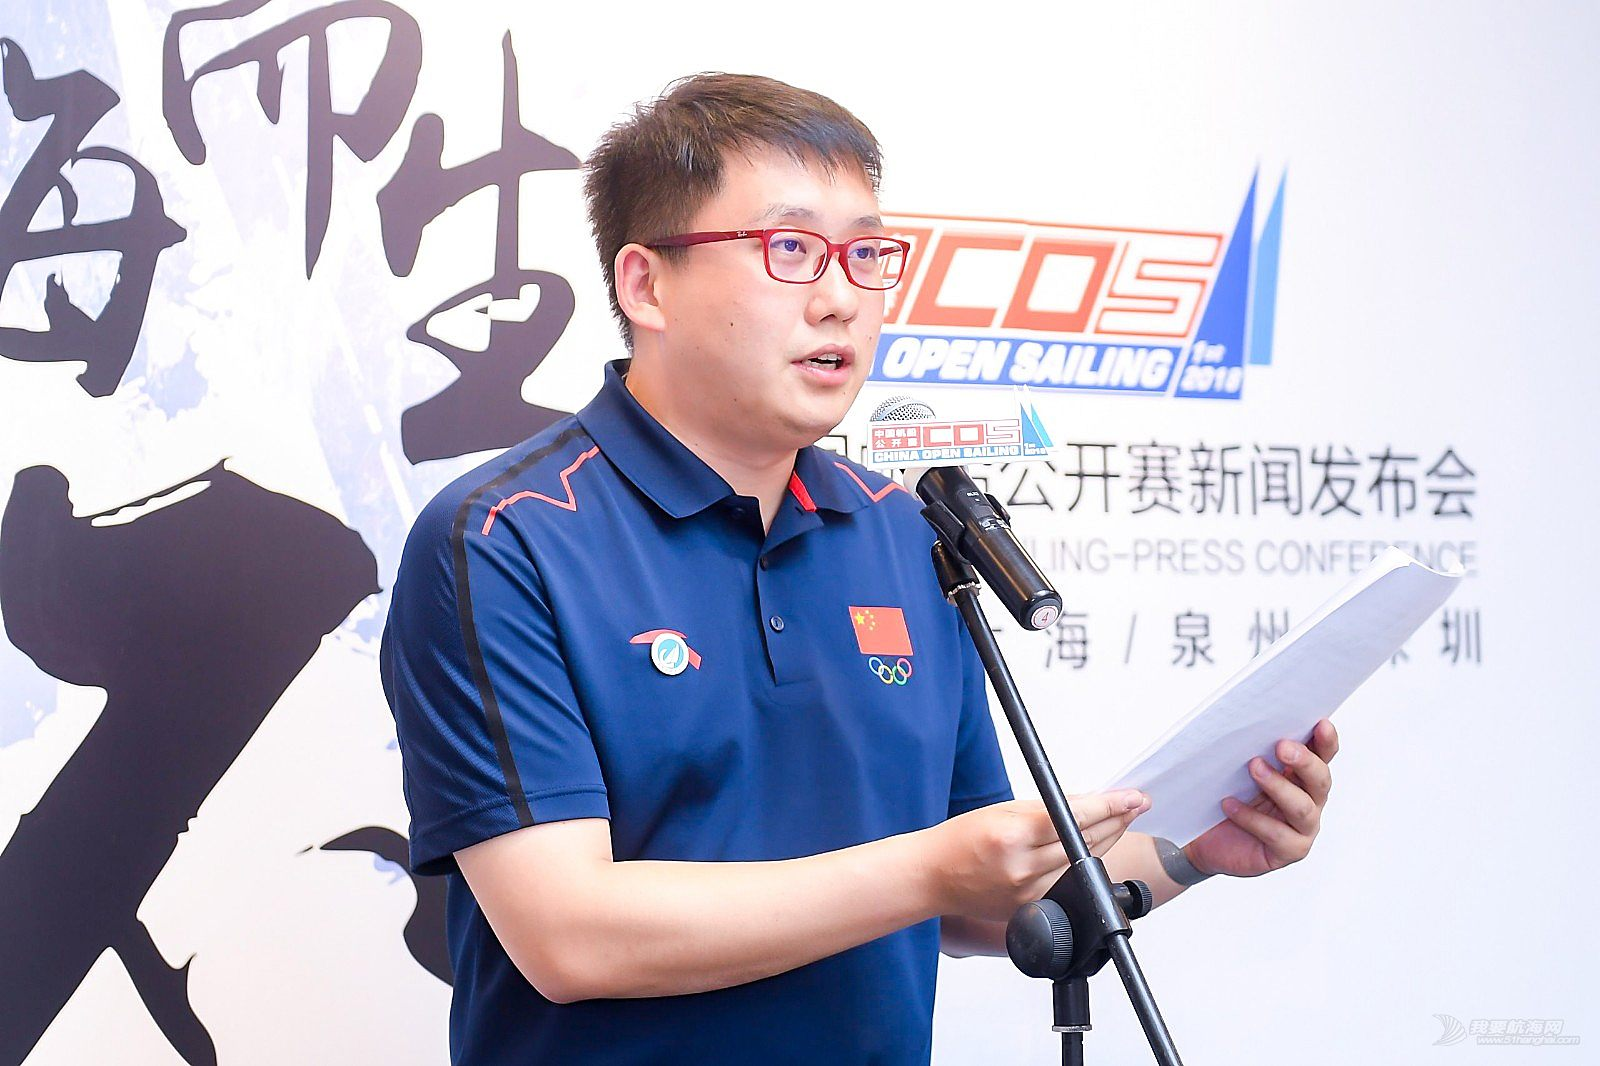 2018中国帆船公开赛新闻发布会启幕 | 9月正式起航